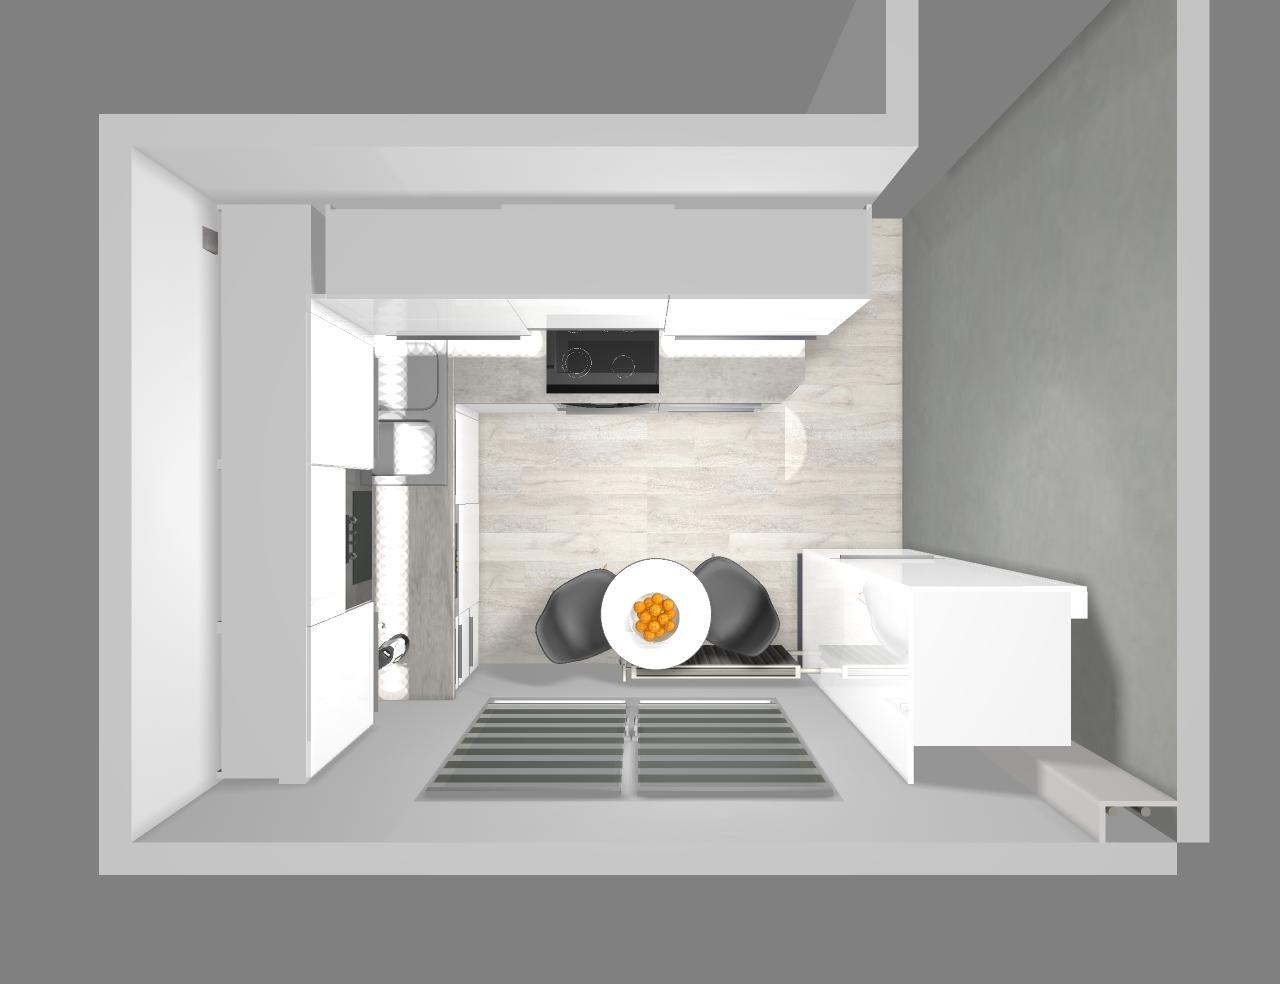 Grafické návrhy kuchynských liniek 2020 - návrh kuchynskej linky do paneláku v Zv - obr.7